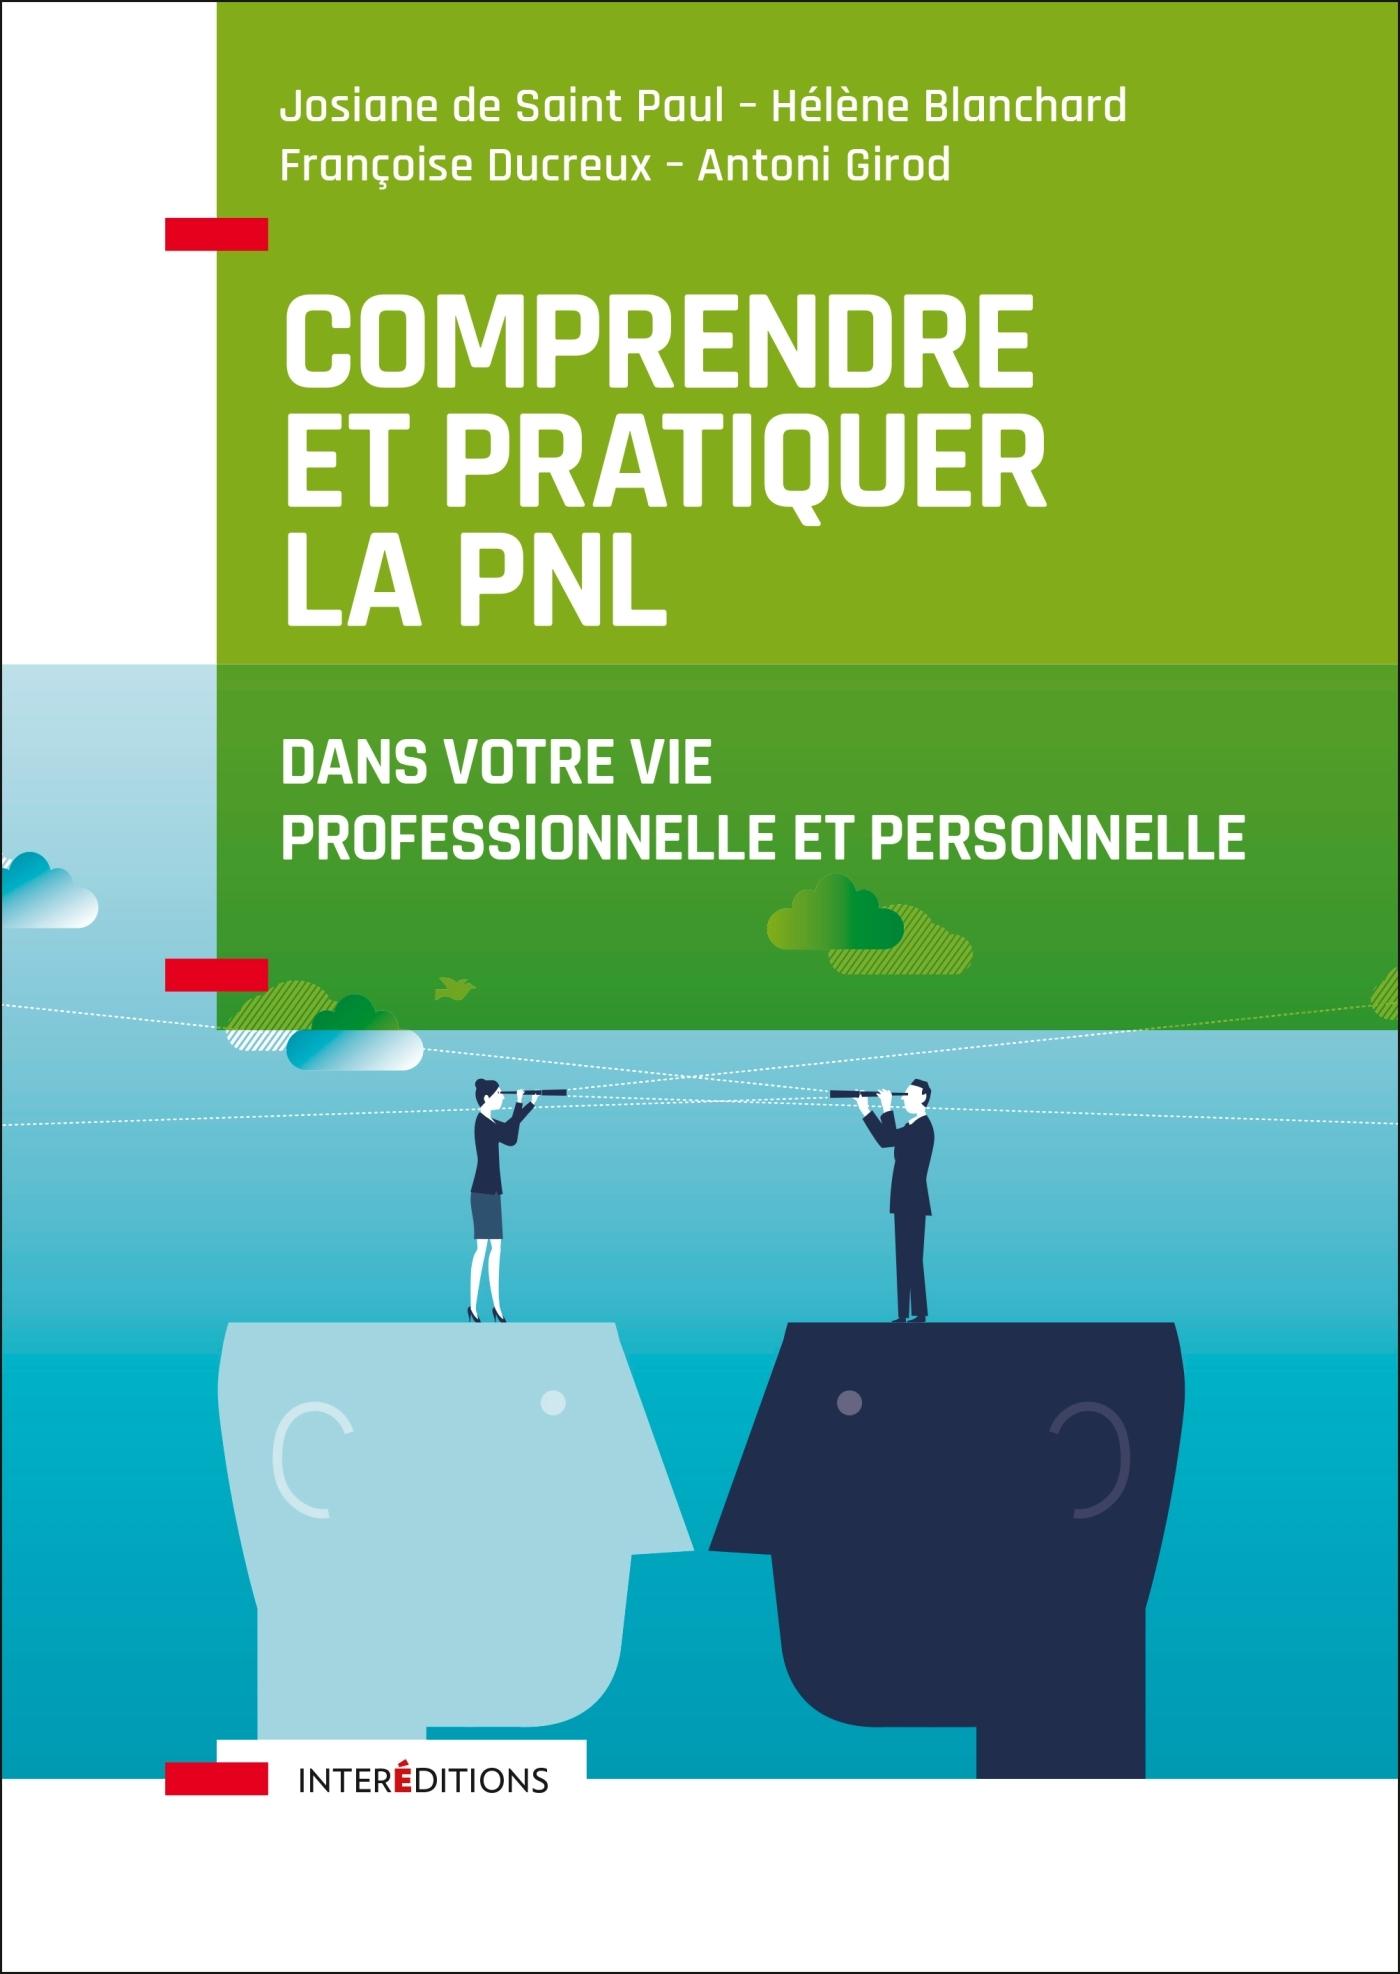 COMPRENDRE ET PRATIQUER LA PNL - PROFITER DES APPORTS DE LA PNL DANS VOTRE PROFESSION ET DANS VOTRE